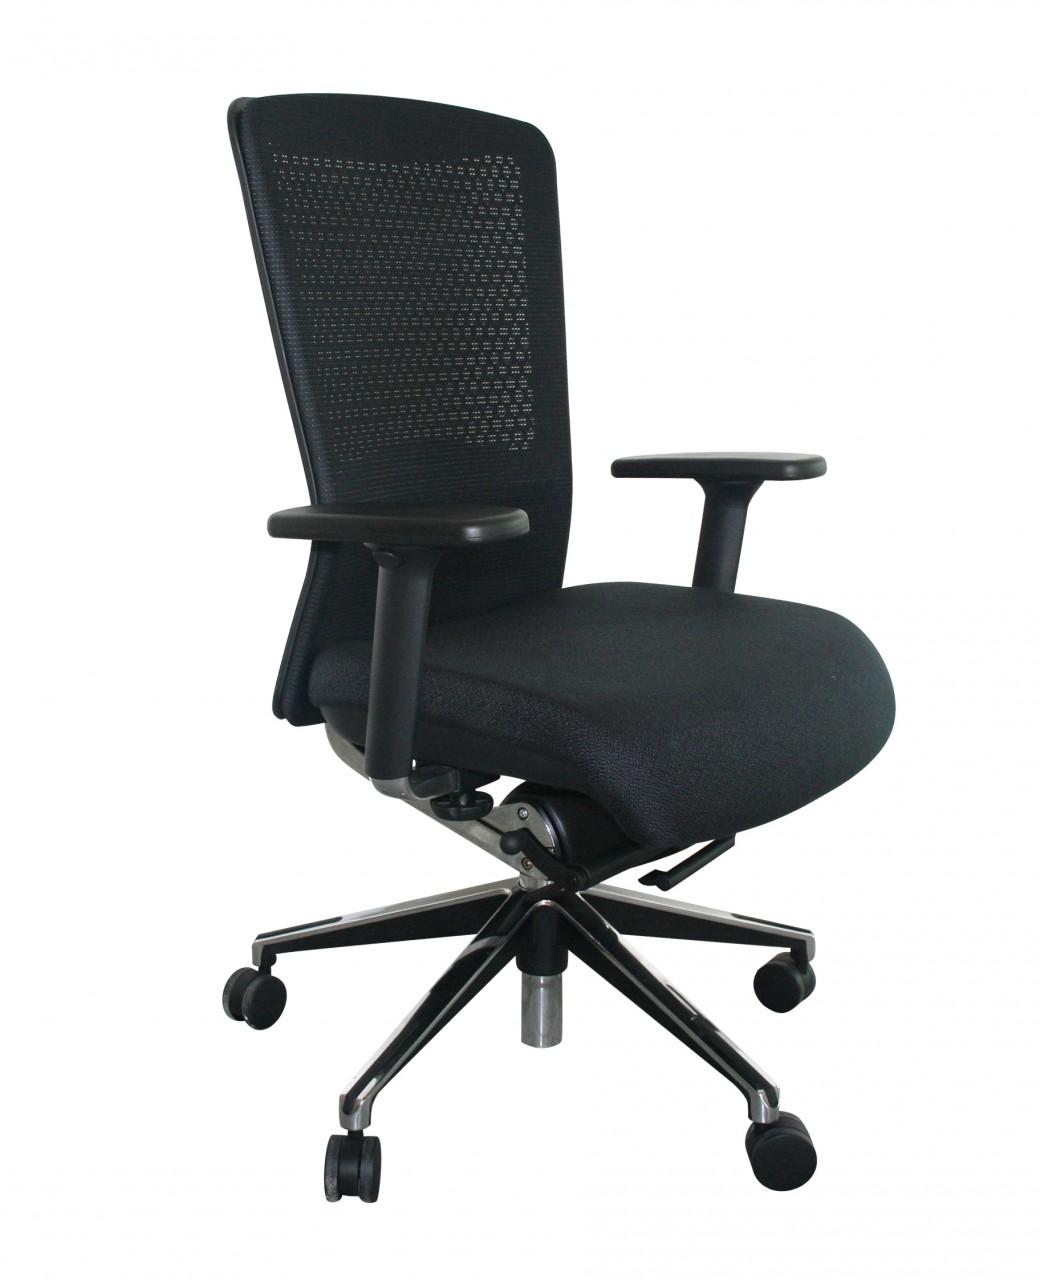 fauteuil orla achat si ges ergonomiques 319 00. Black Bedroom Furniture Sets. Home Design Ideas